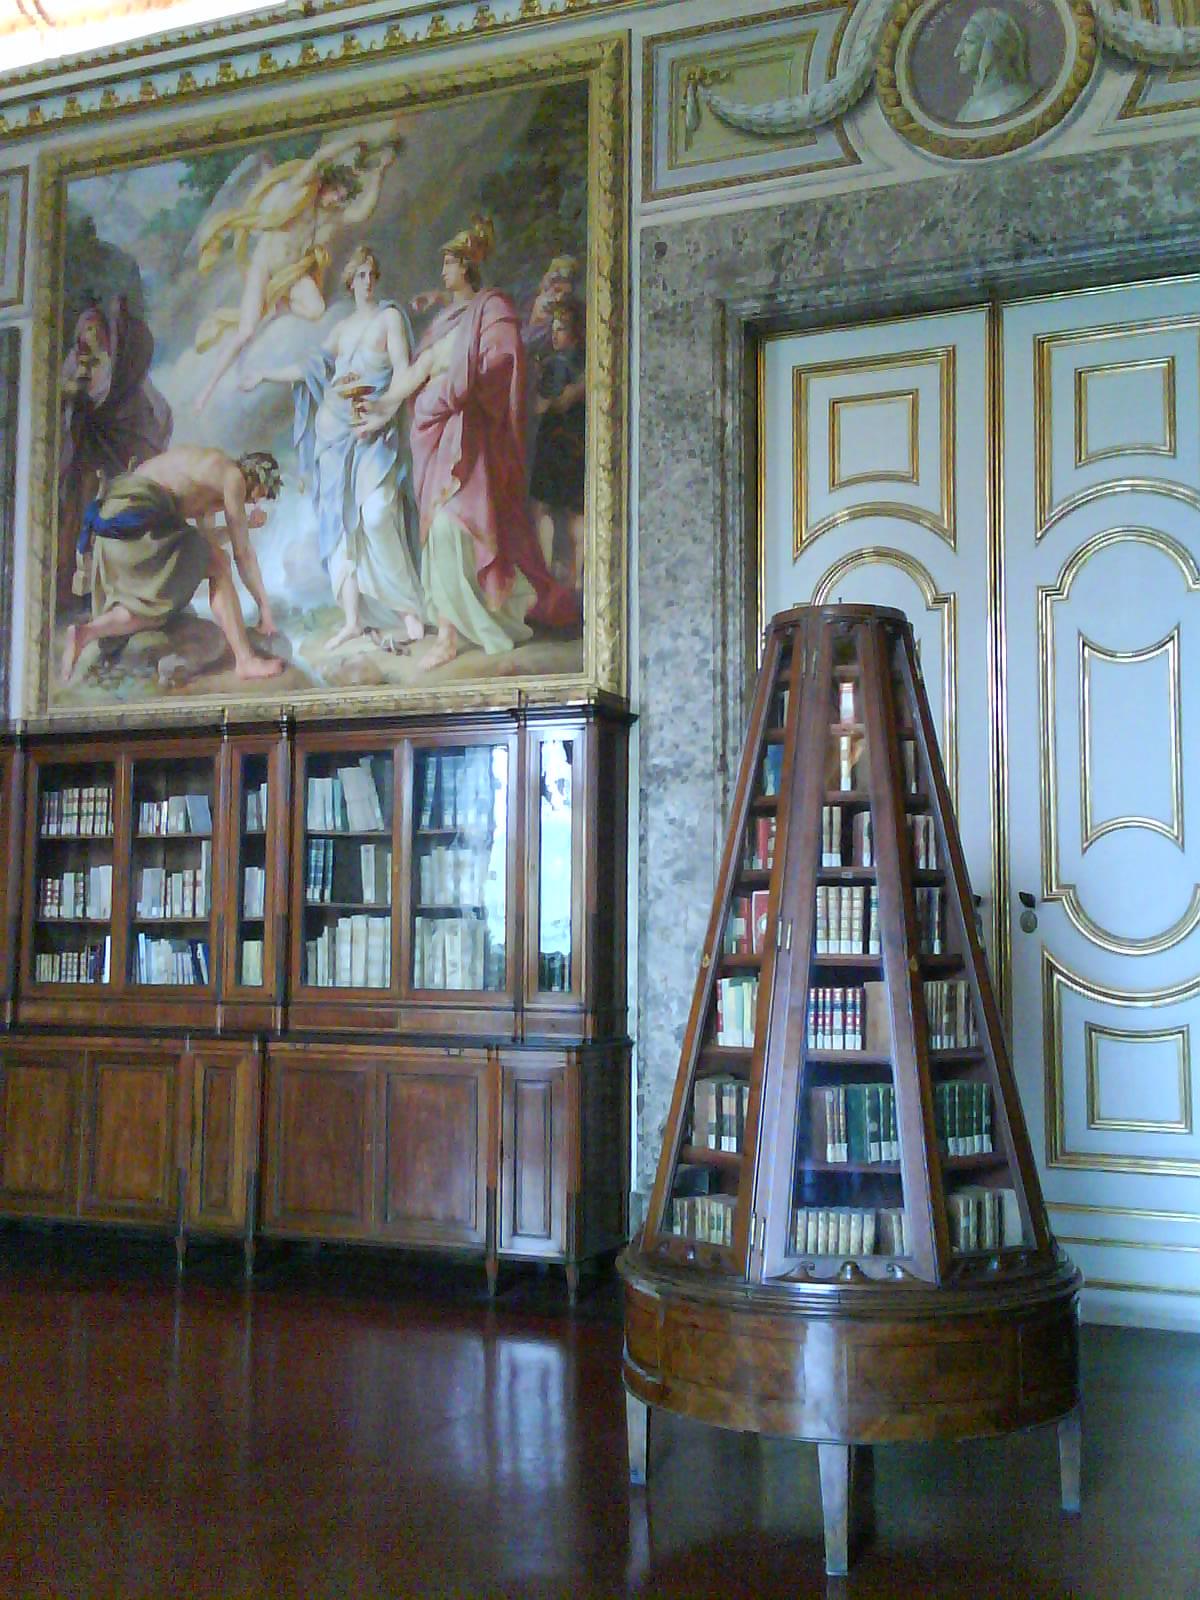 palazzo reale biblioteca3